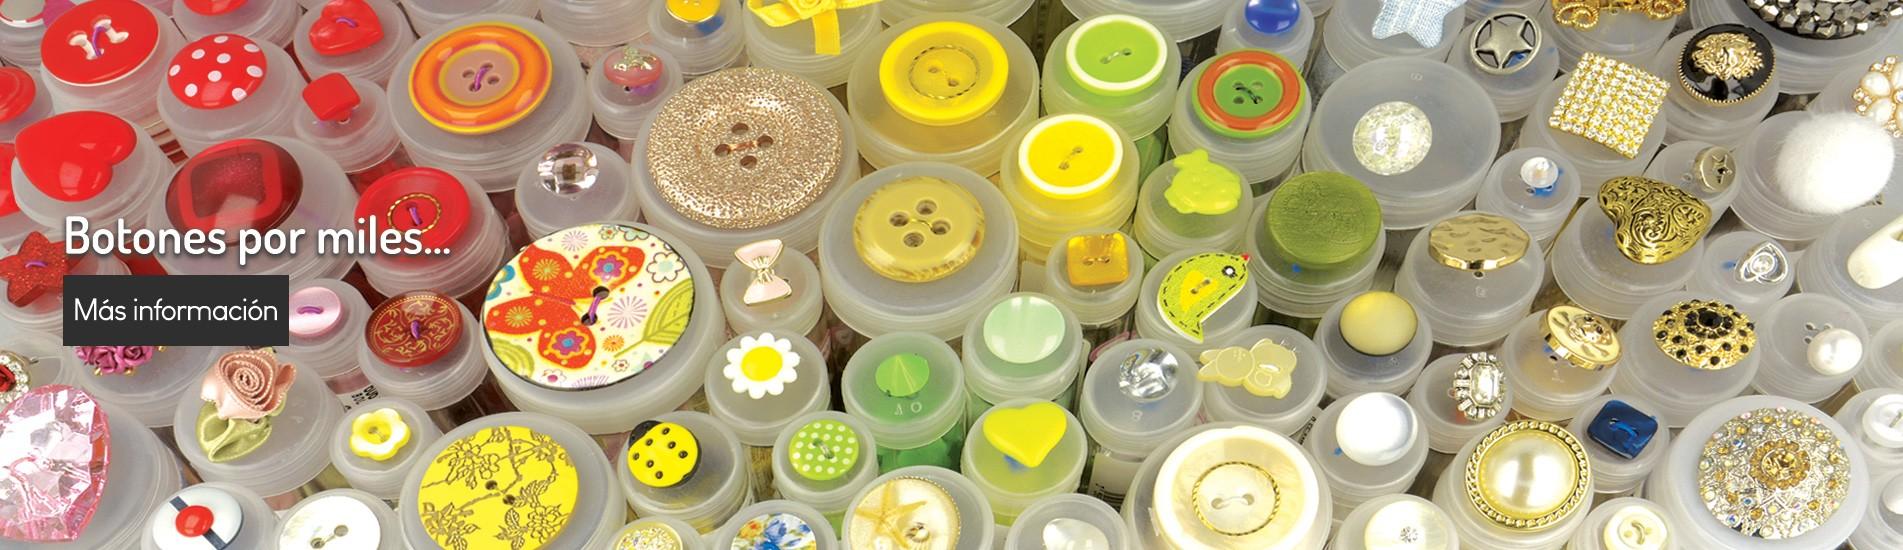 Botones por miles...